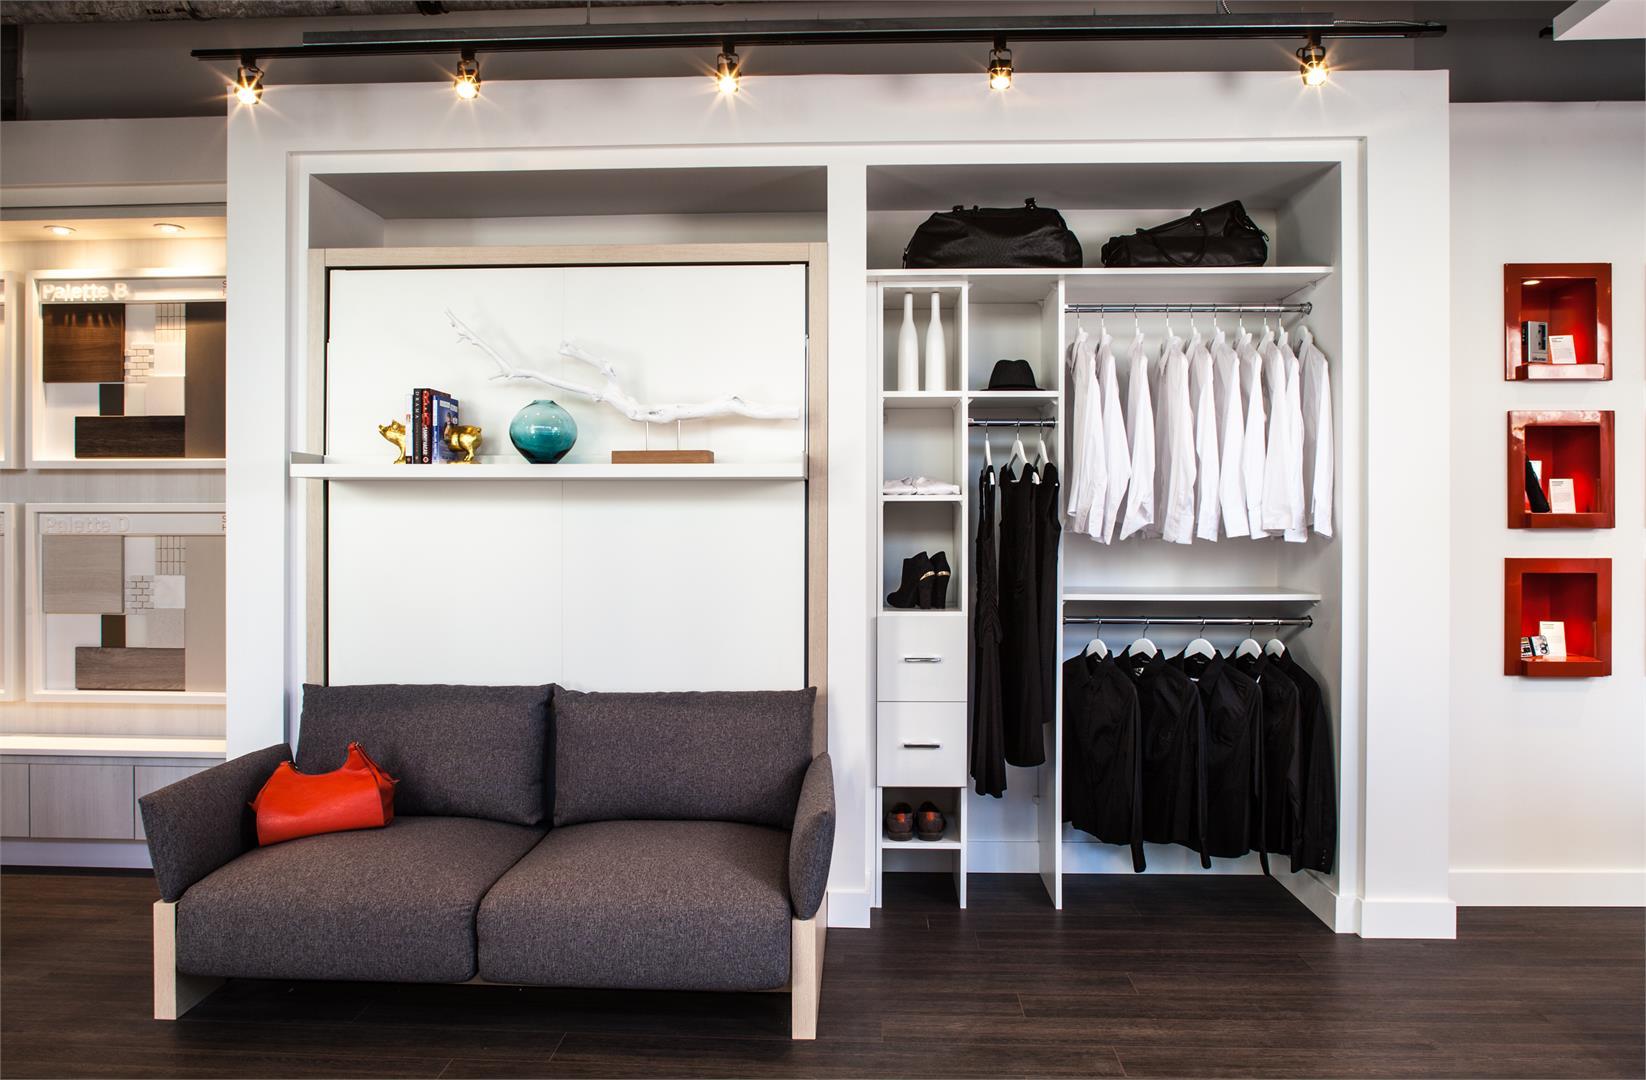 Smart House Condos Wardrobe Toronto, Canada